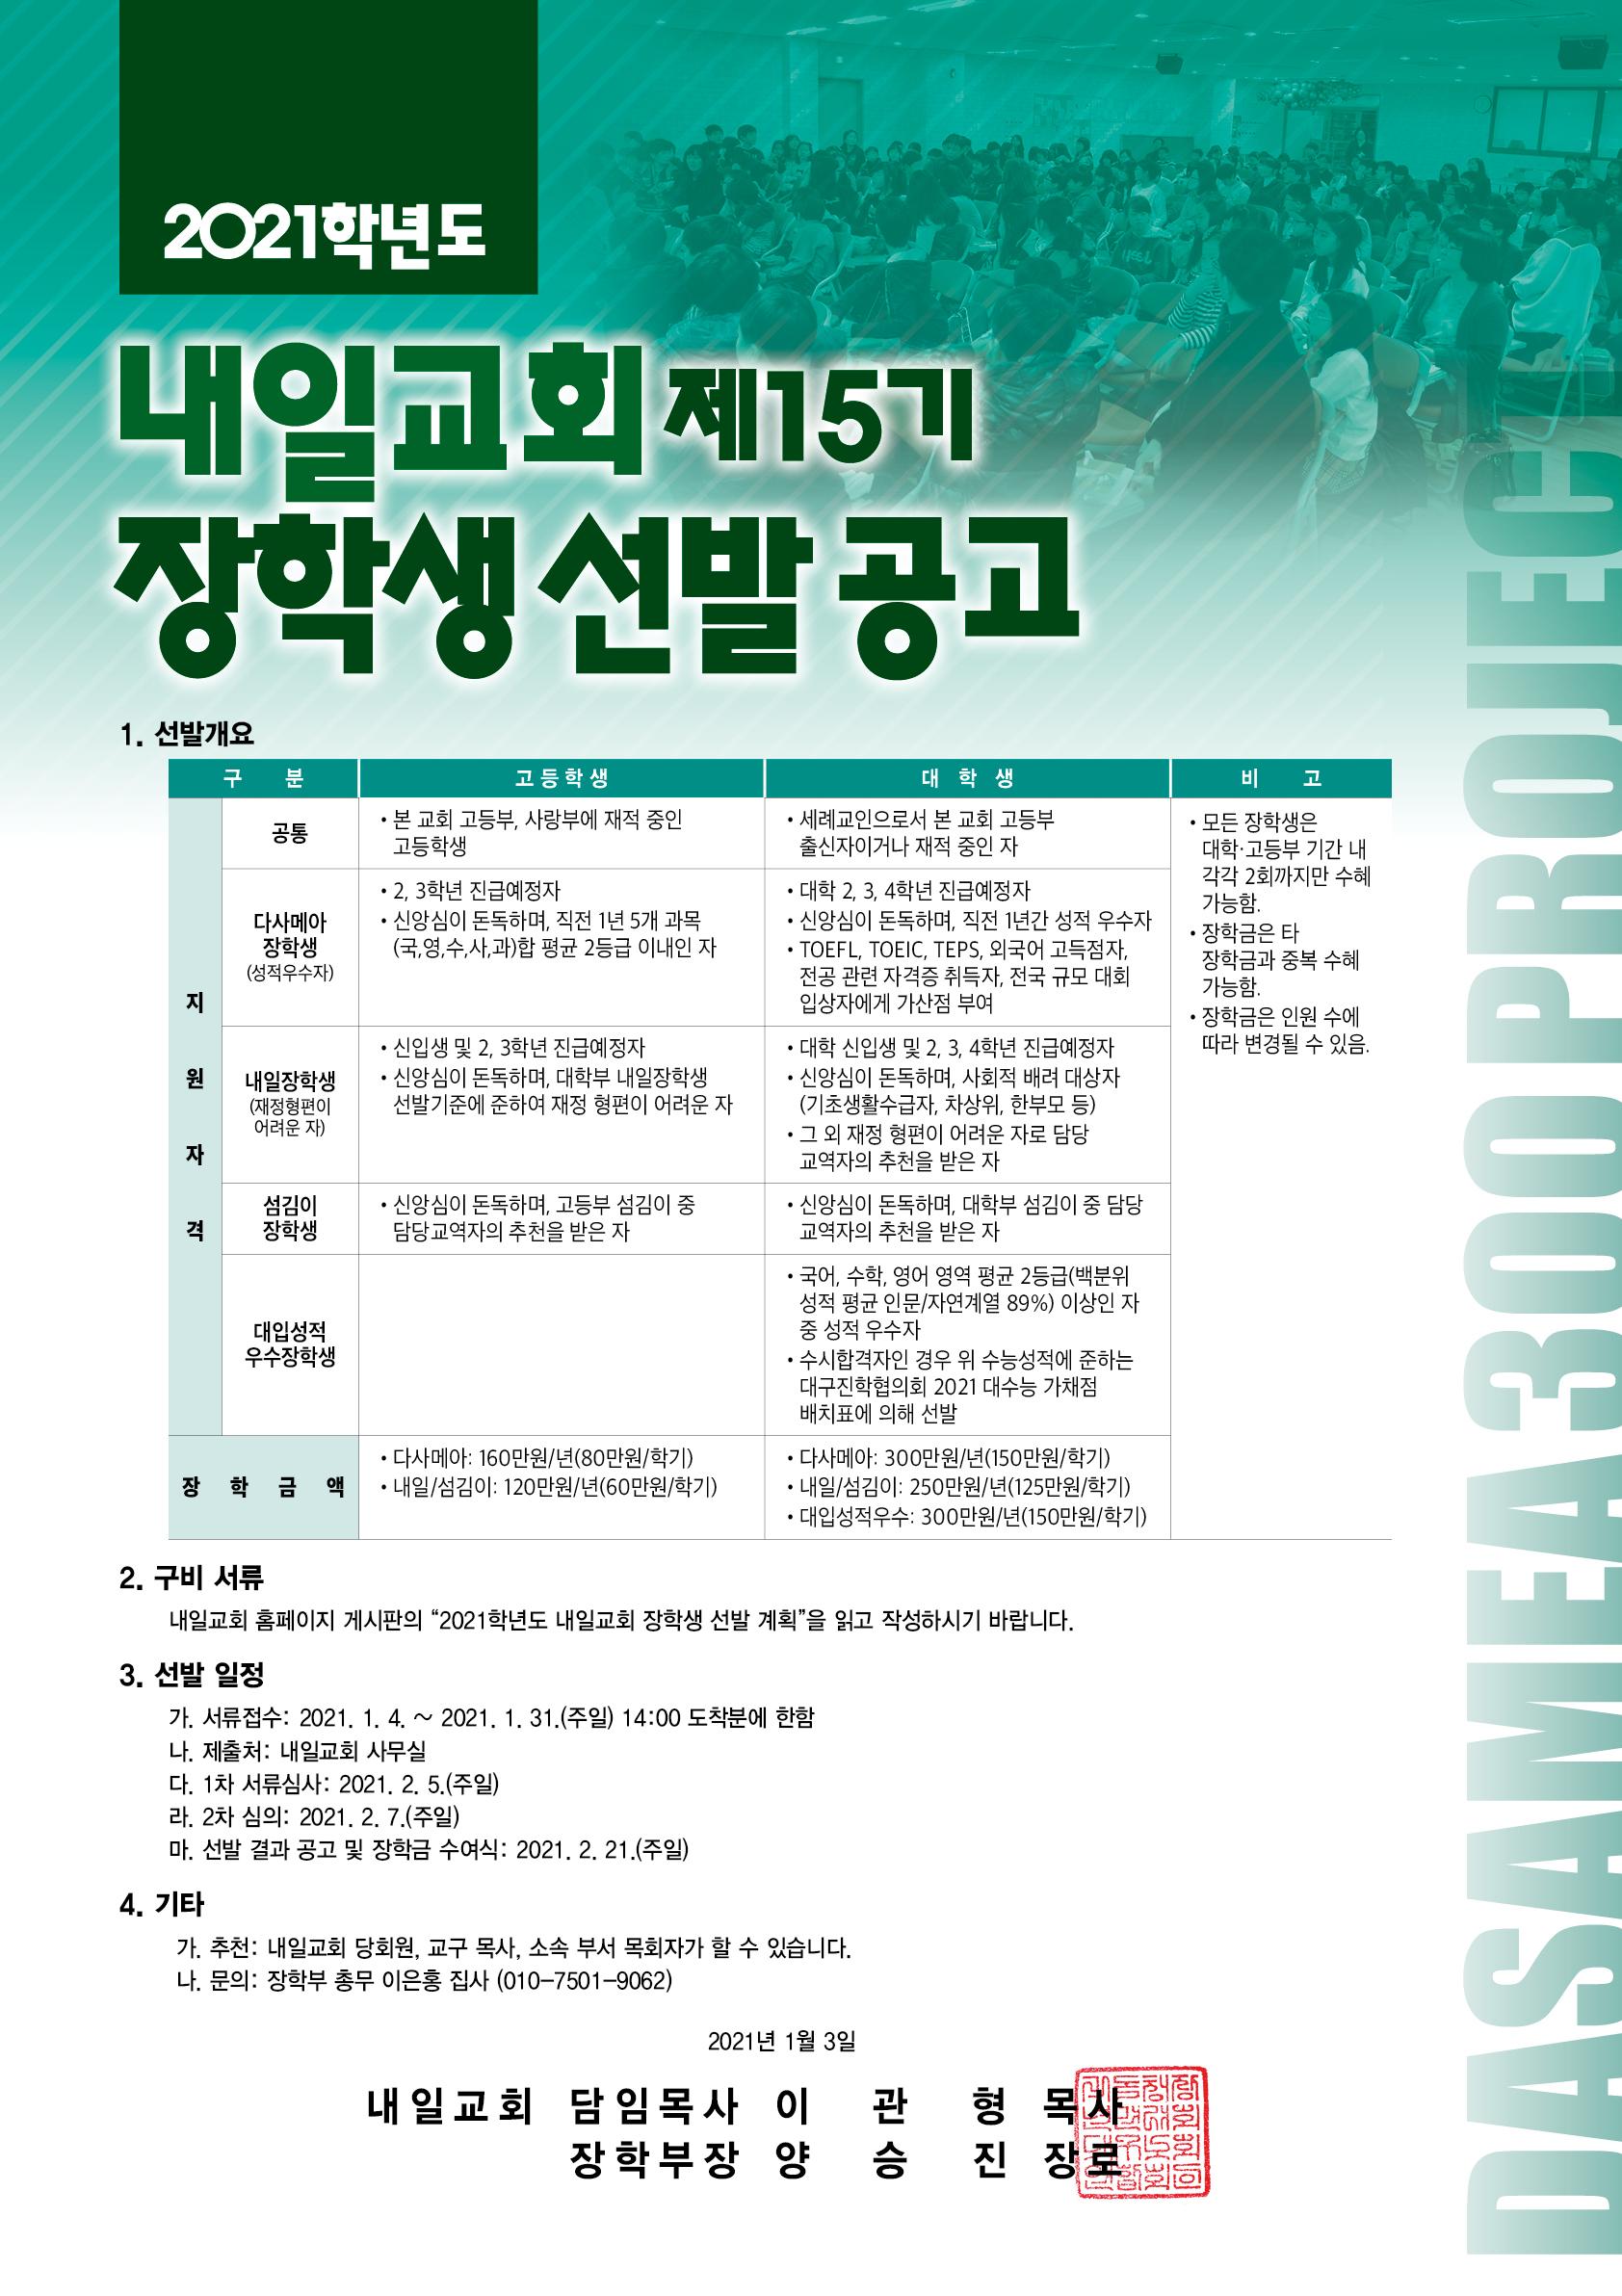 내일교회 장학생 선발 공고(15기).jpg